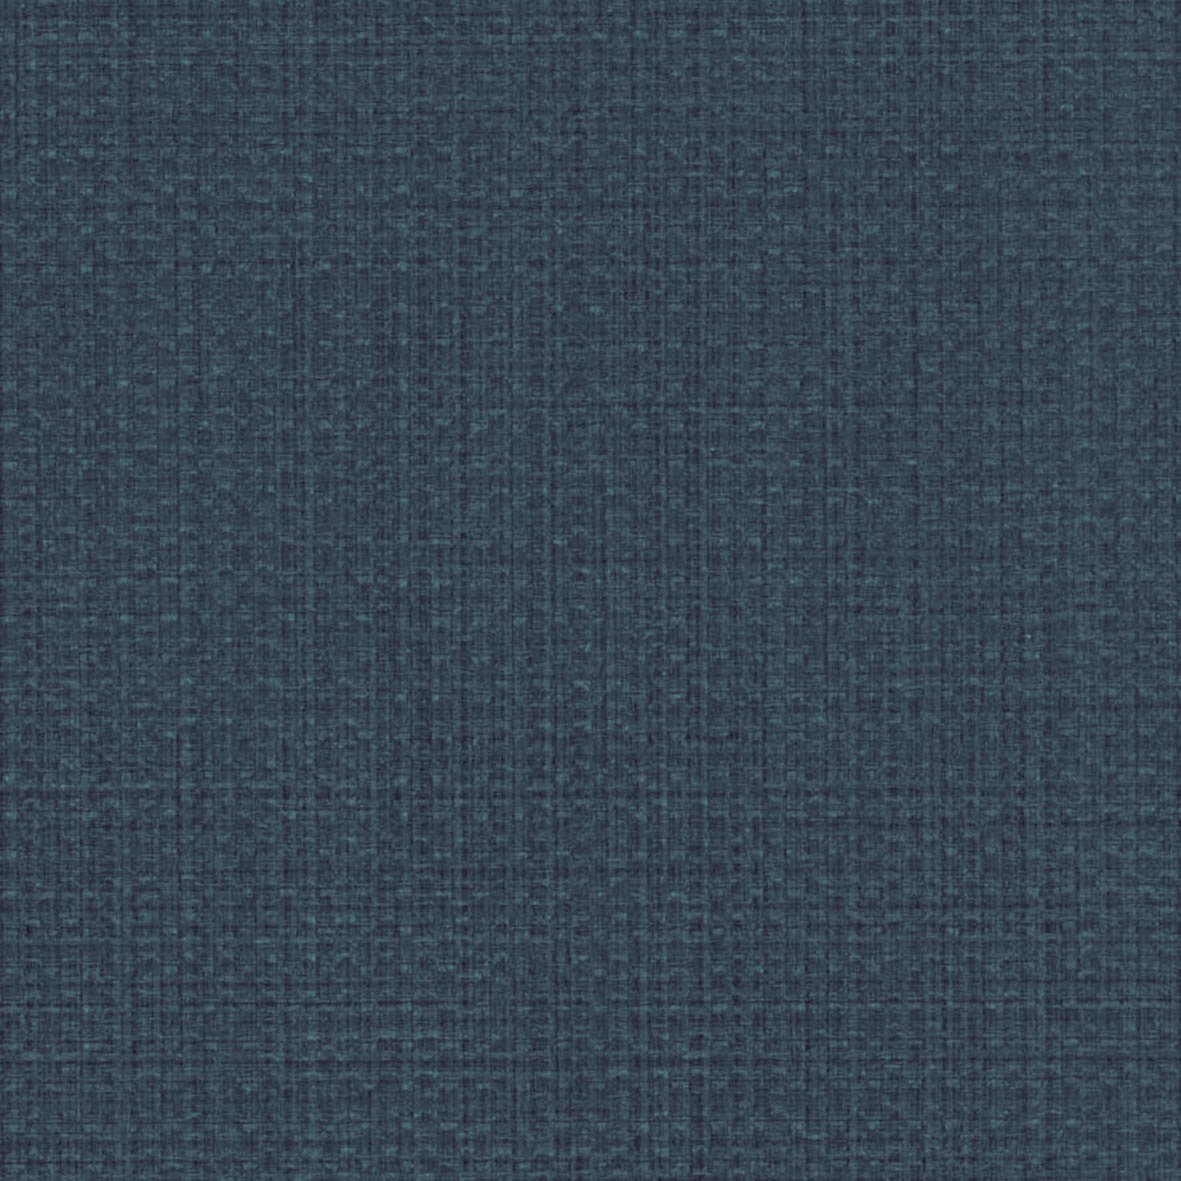 リリカラ 壁紙44m ナチュラル 織物調 グレー LL-8766 B01N3KW4PG 44m|グレー3